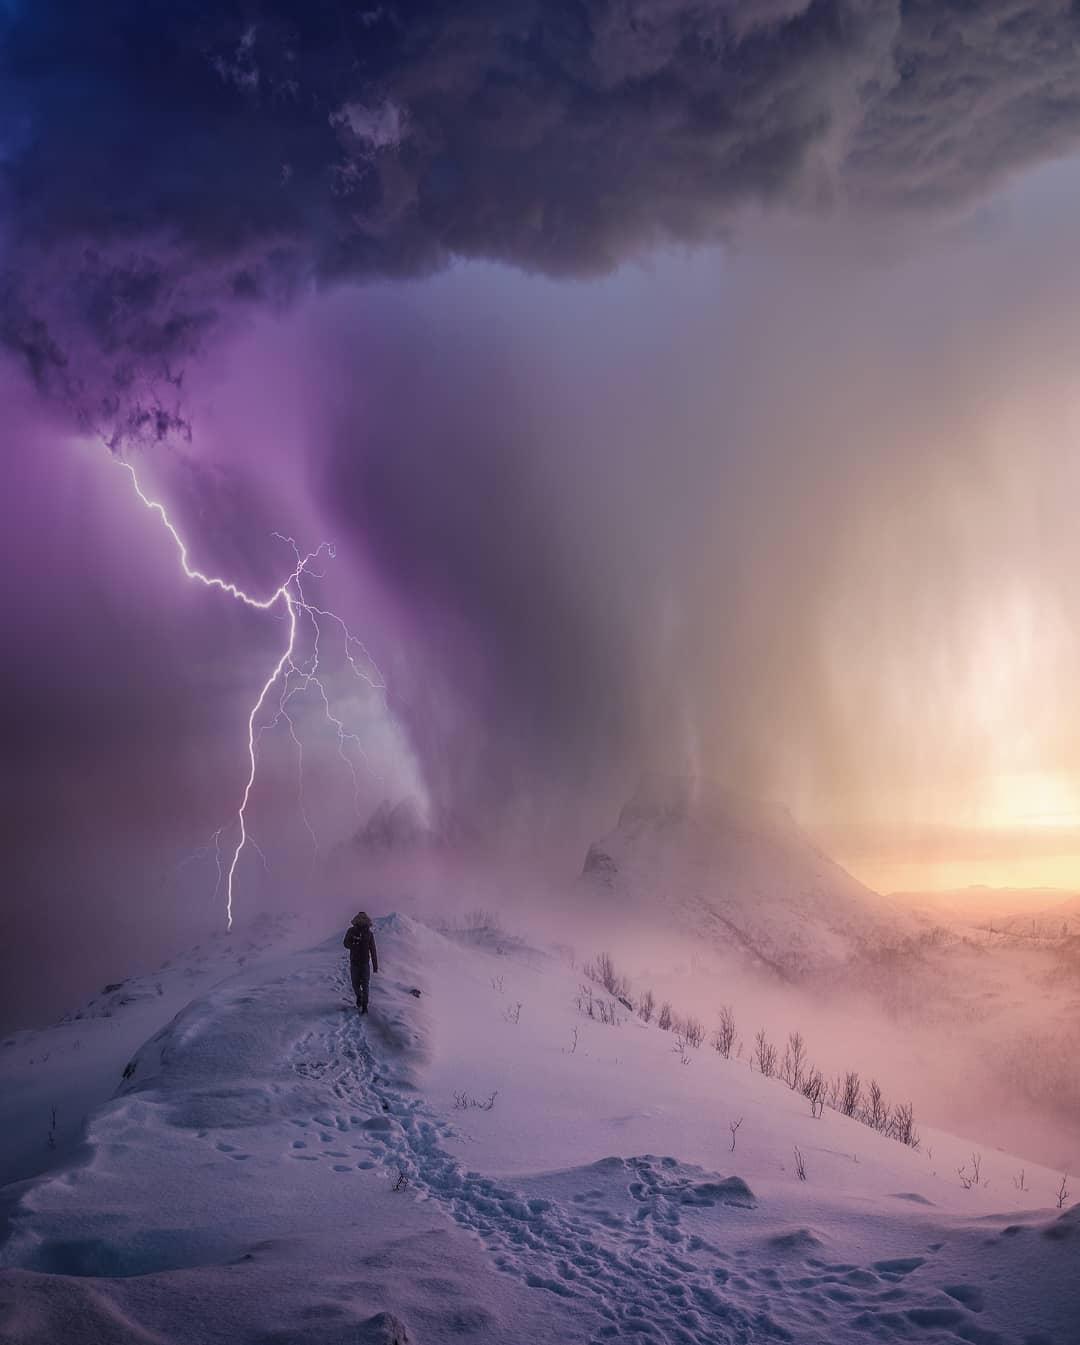 Блажен, кто посетил сей мир в его минуты роковые! гроза,тревел-фото,шторм